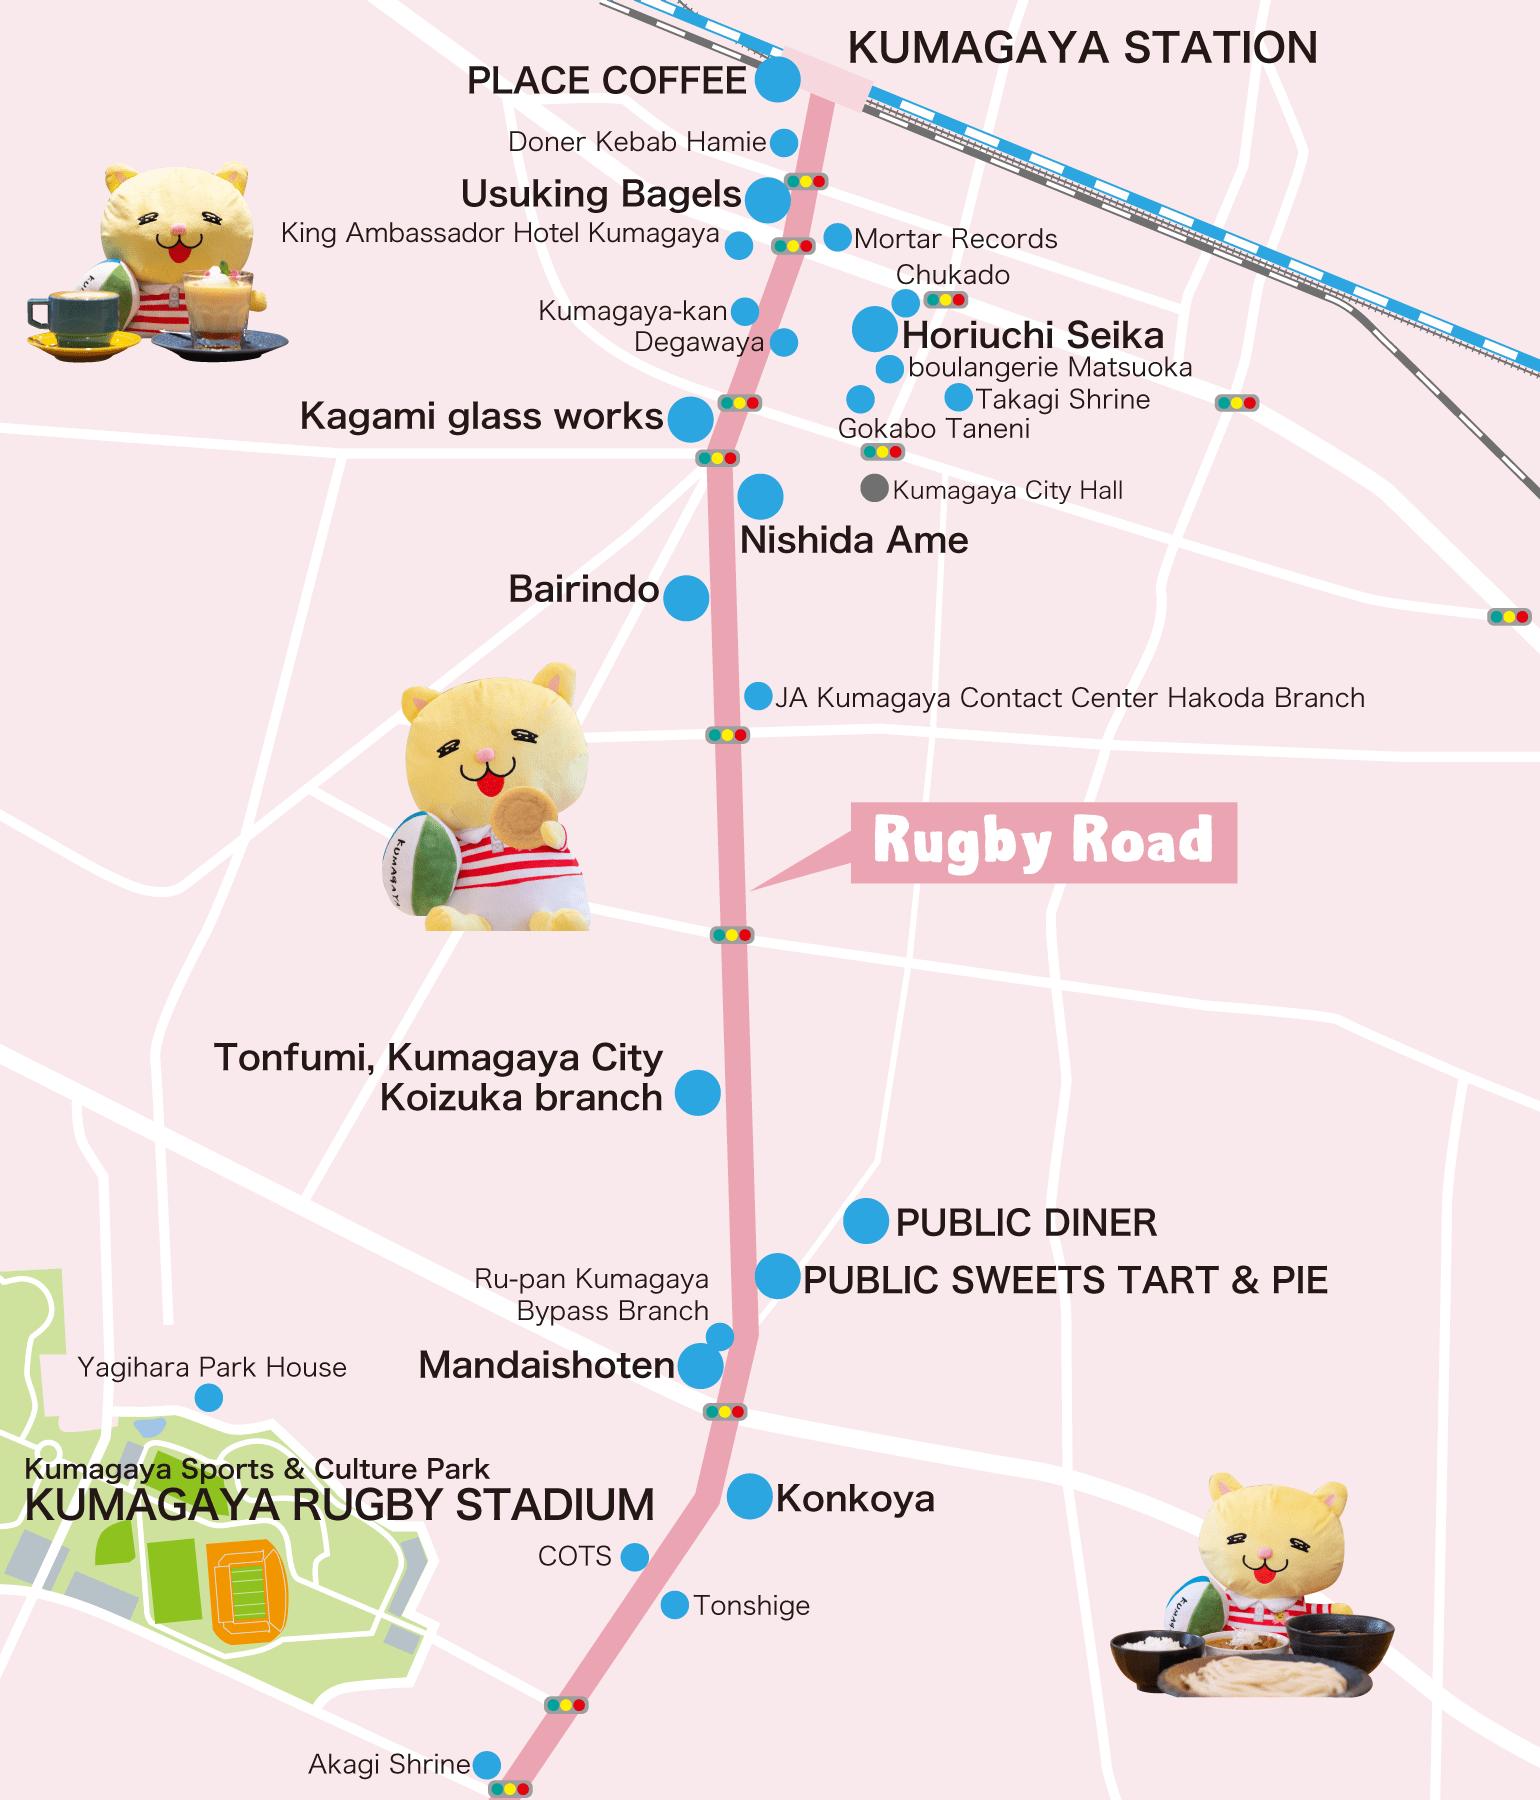 ラグビーロードマップ